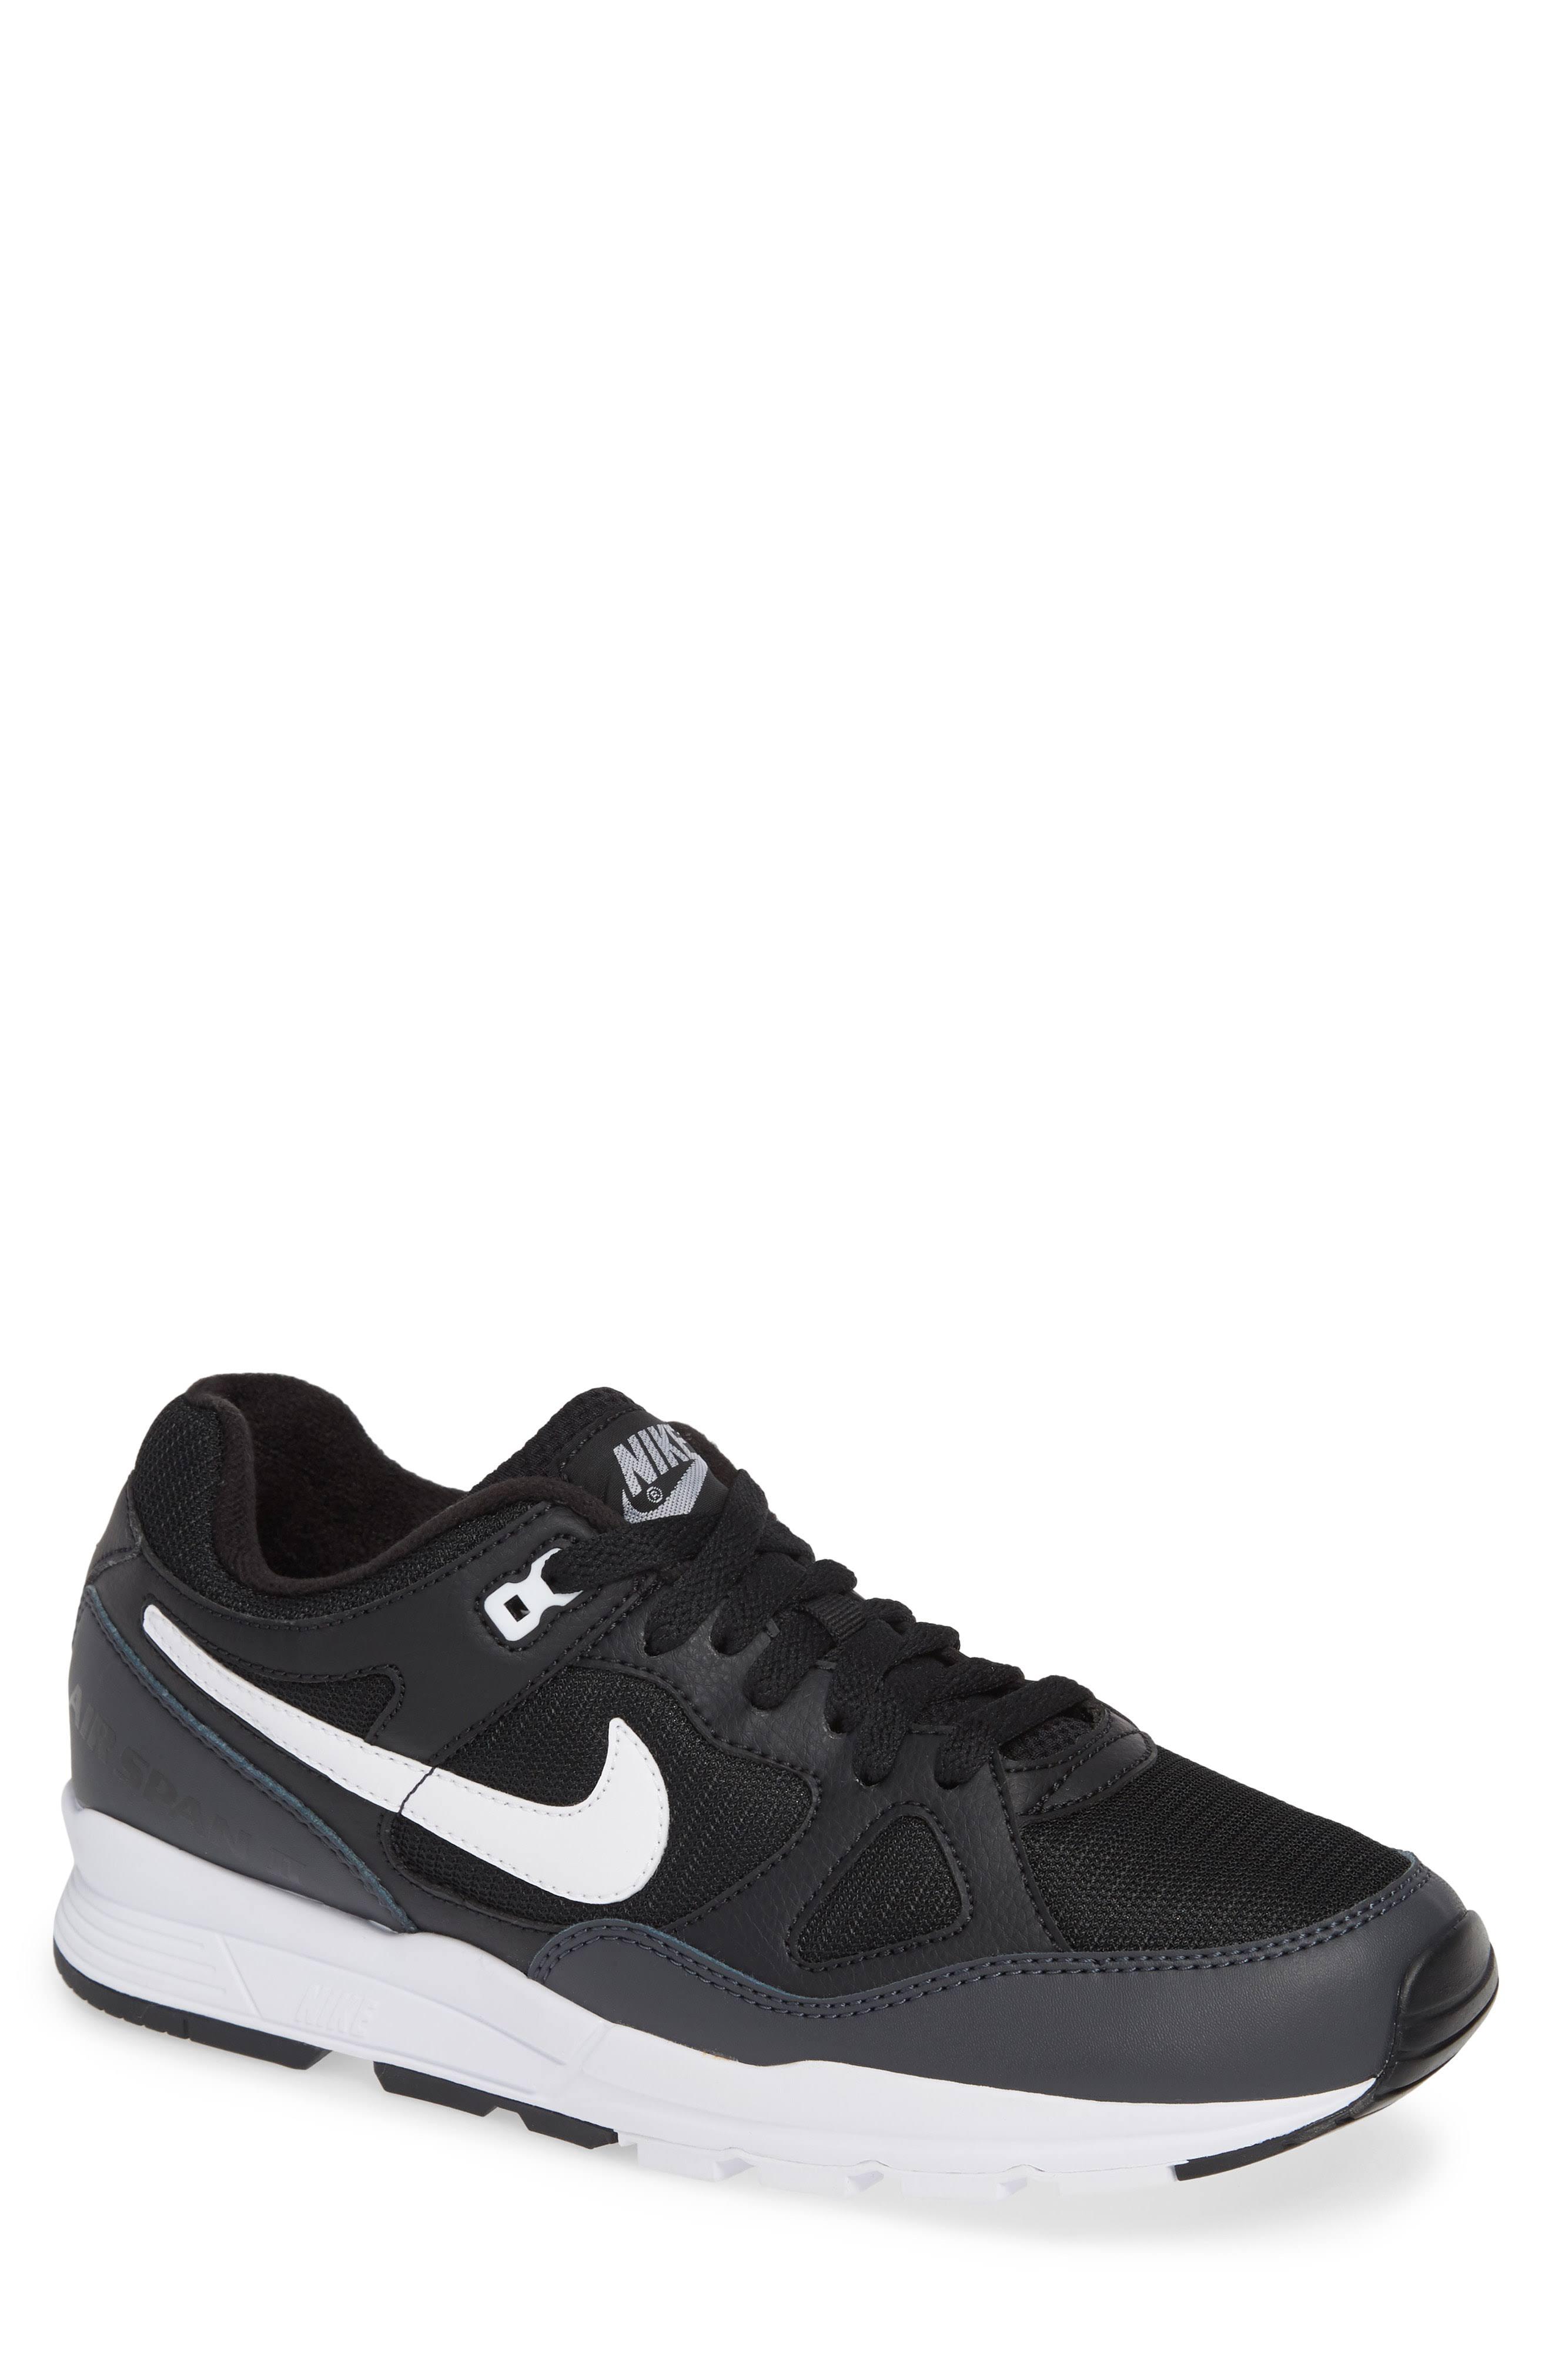 Span Talla Ii Air 13 negro Para Nike Hombre 6nZSHfwq